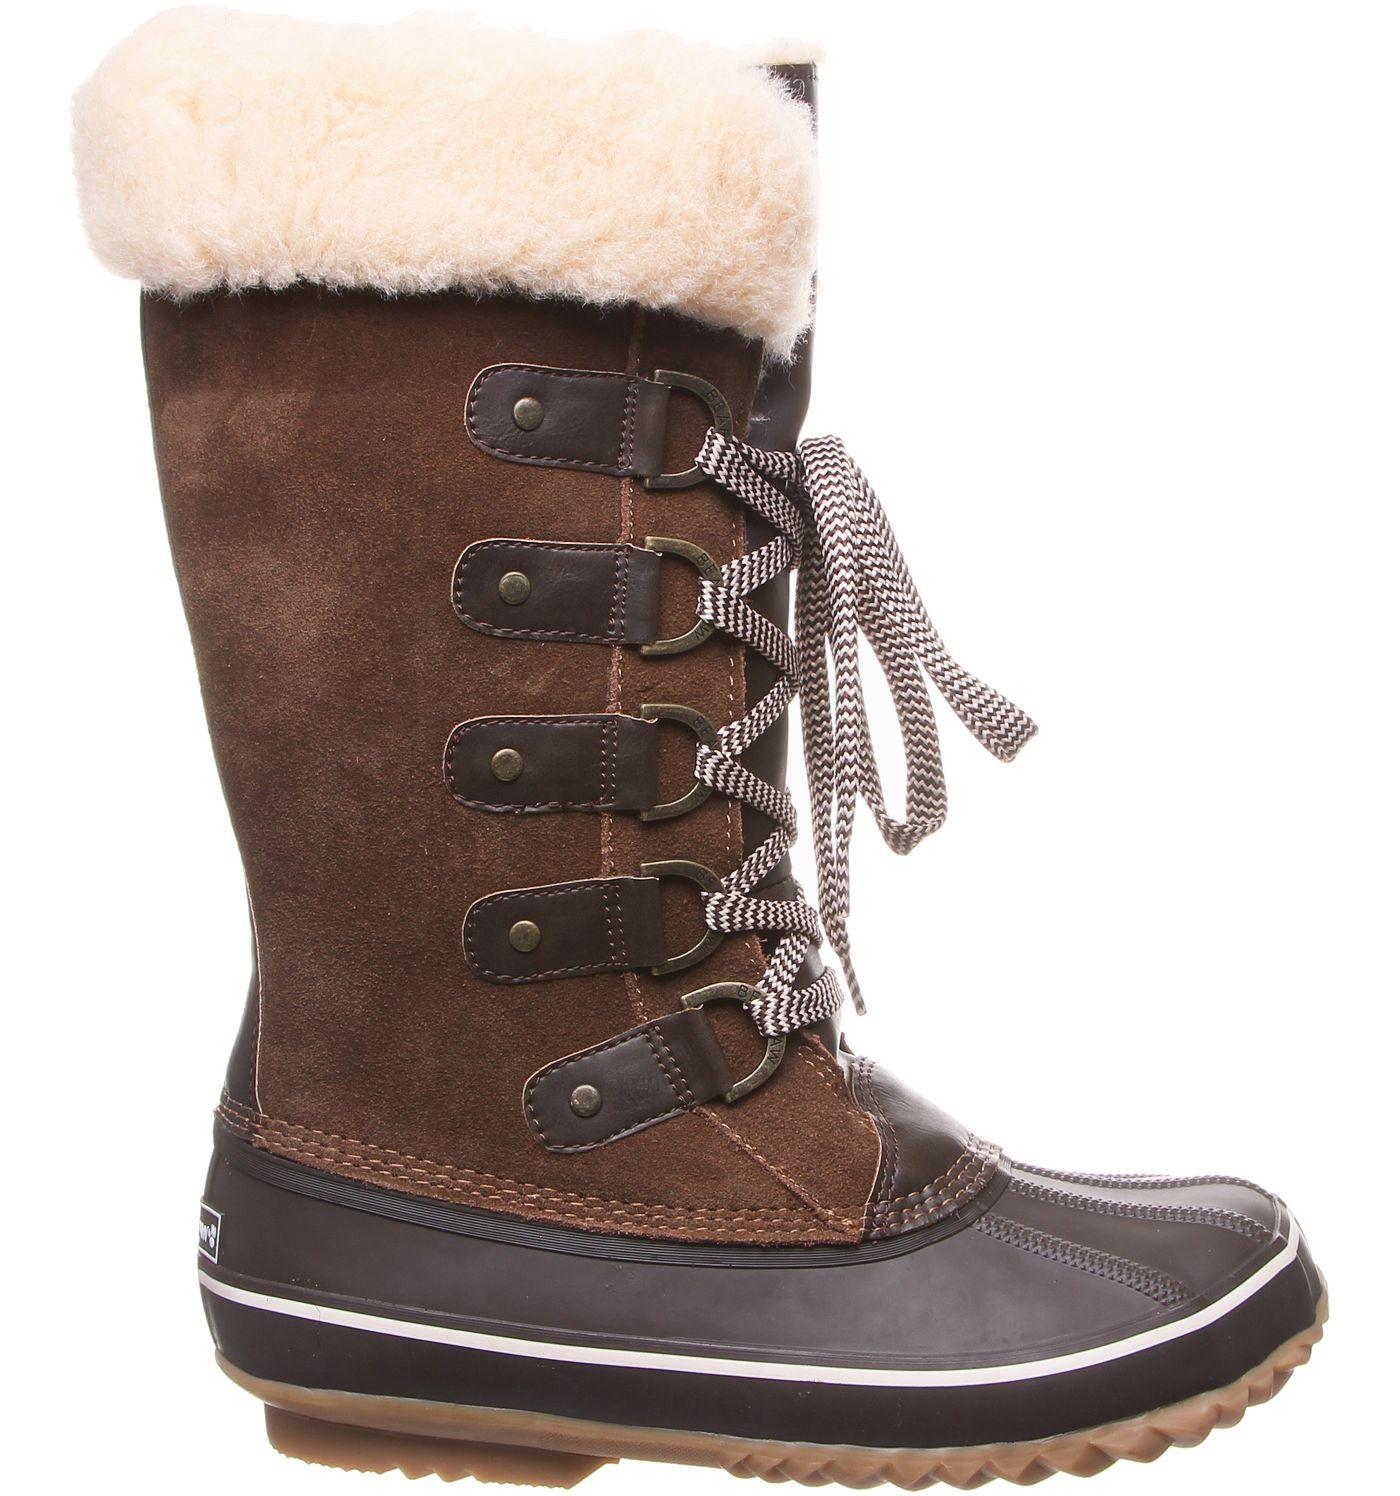 BEARPAW Women's Denali 200g Waterproof Winter Boots